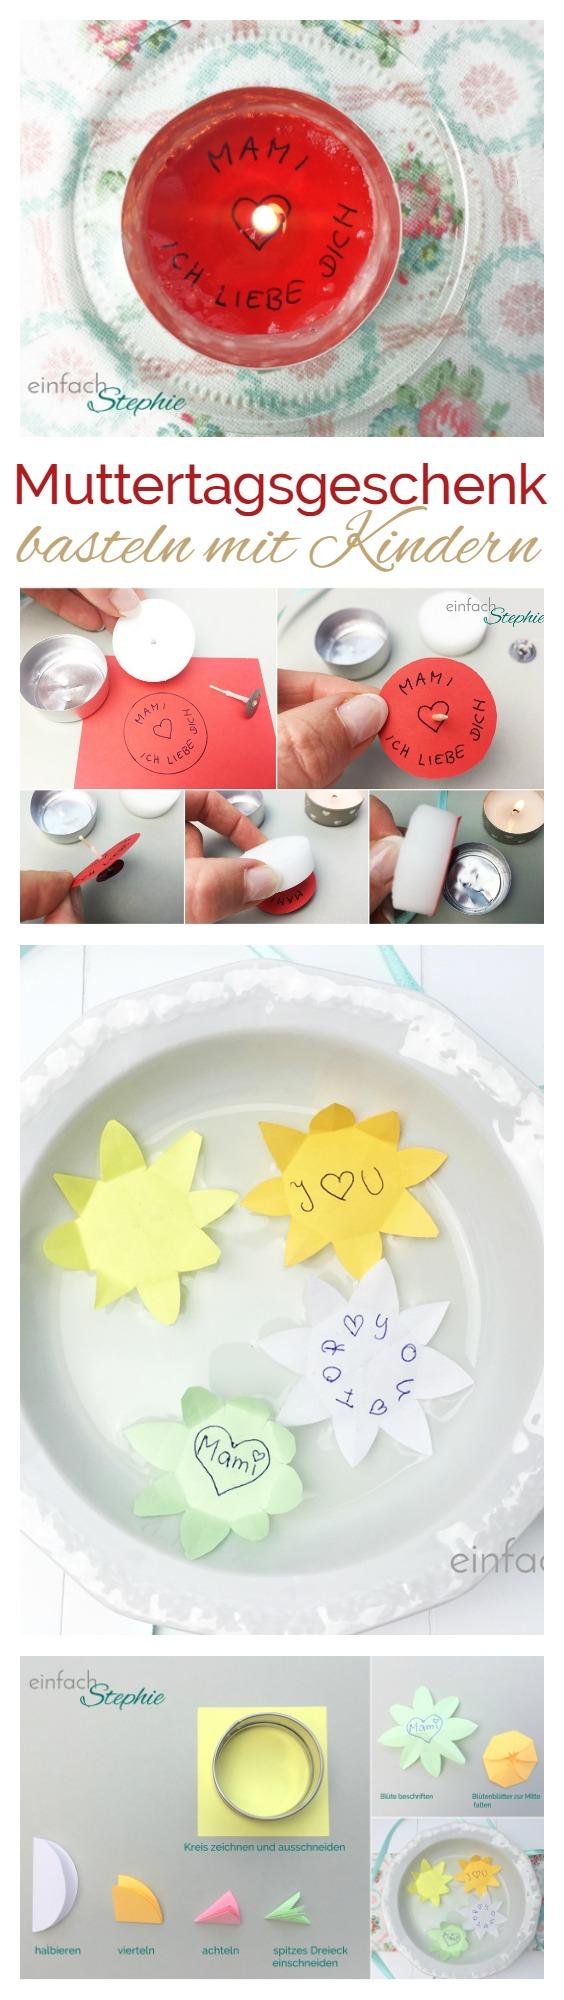 Muttertagsgeschenk basteln mit Kindern. Ganz einfach mit Anleitung von einfachstephie.de